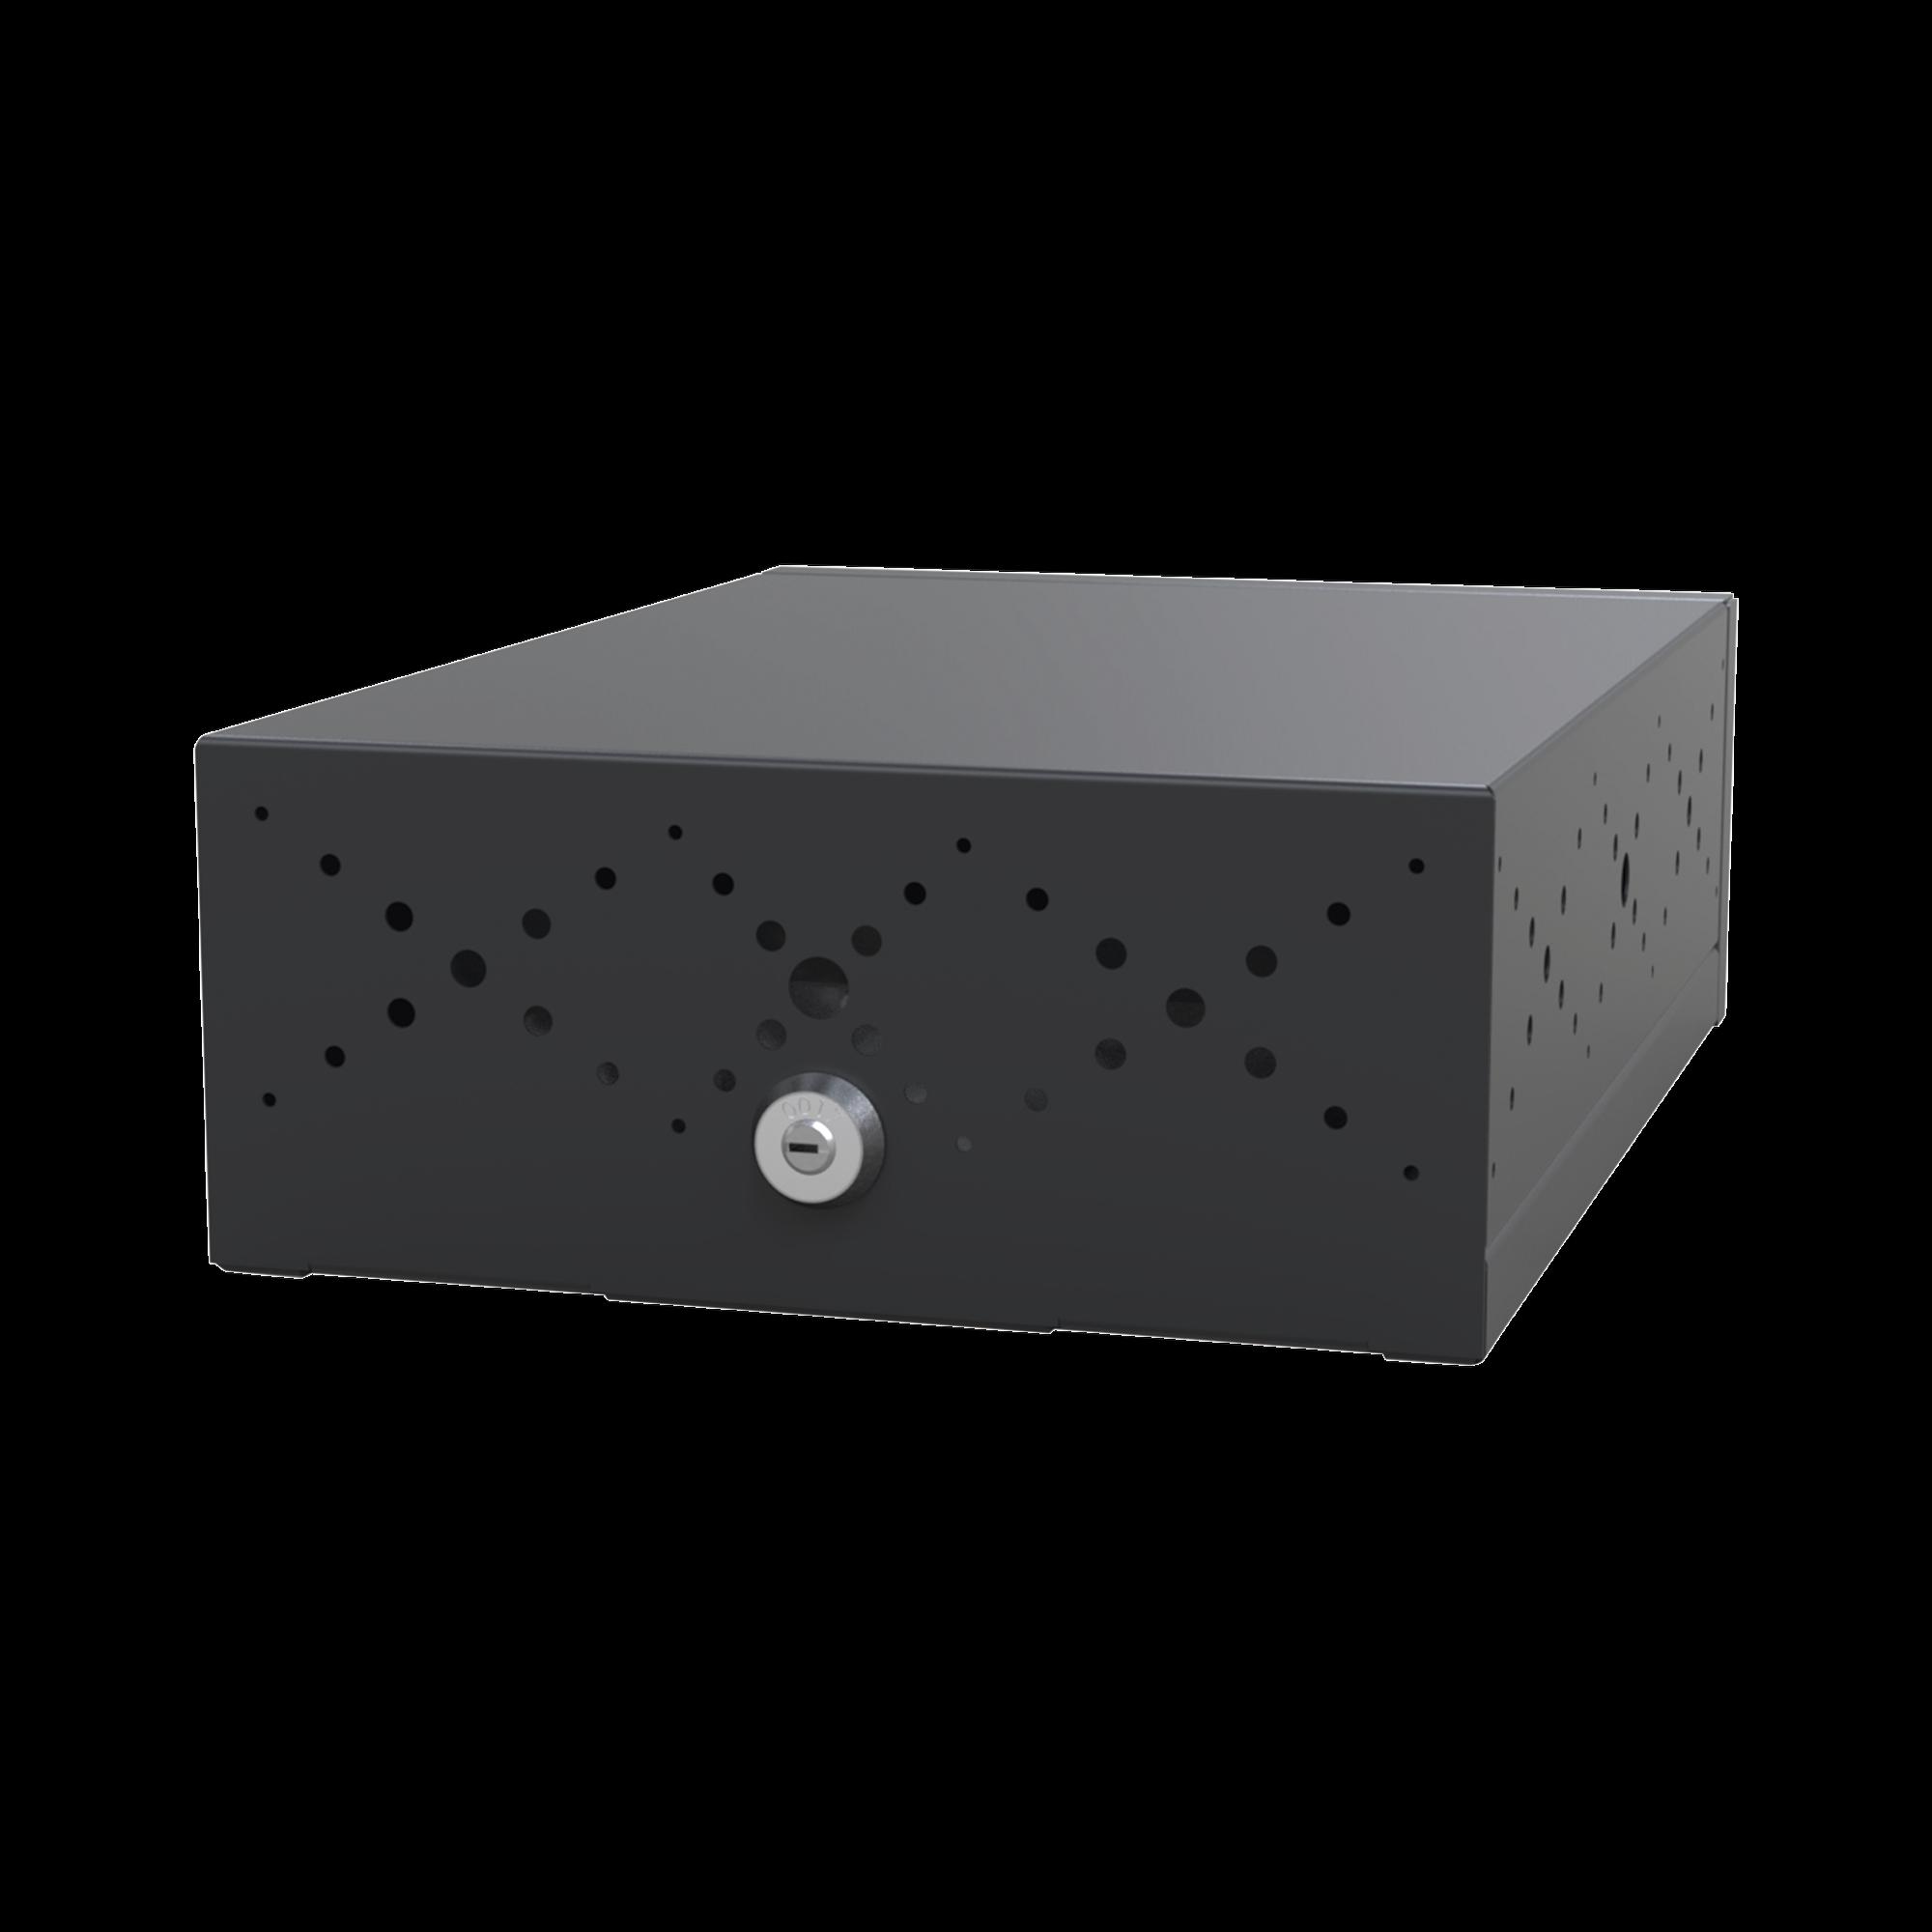 Gabinete de Seguridad para Videograbadora Móvil (Revisar modelos compatibles)